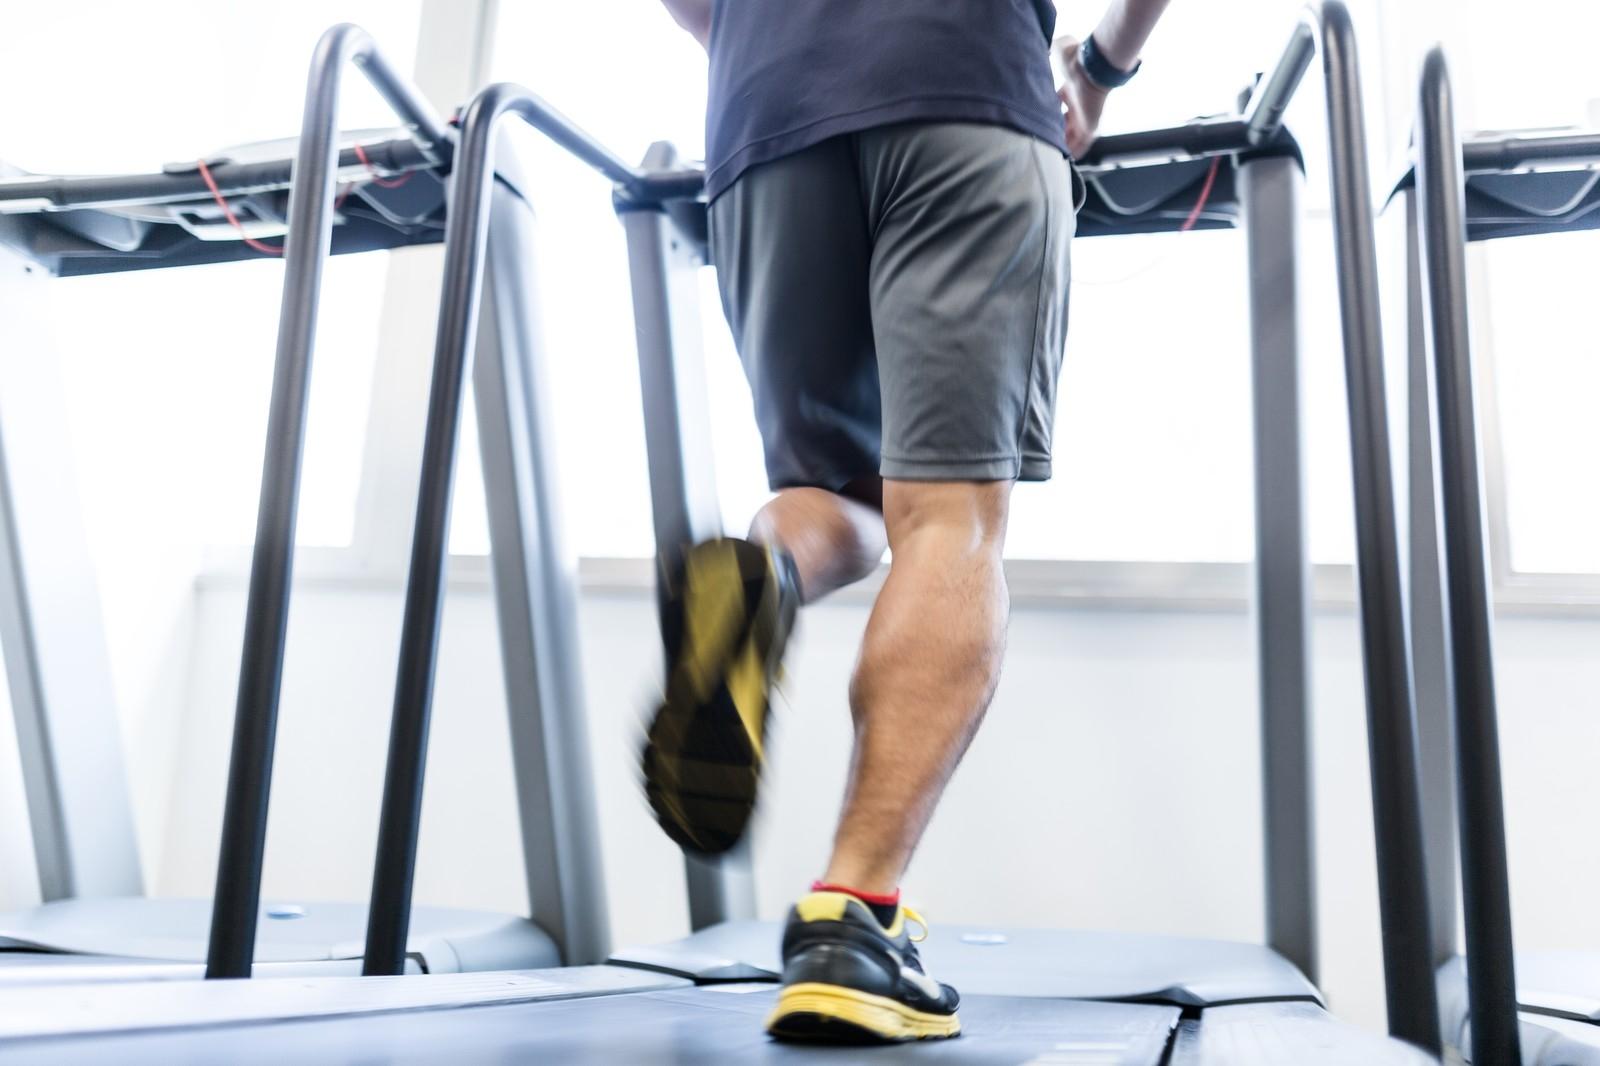 ランニングによる脚の痛み